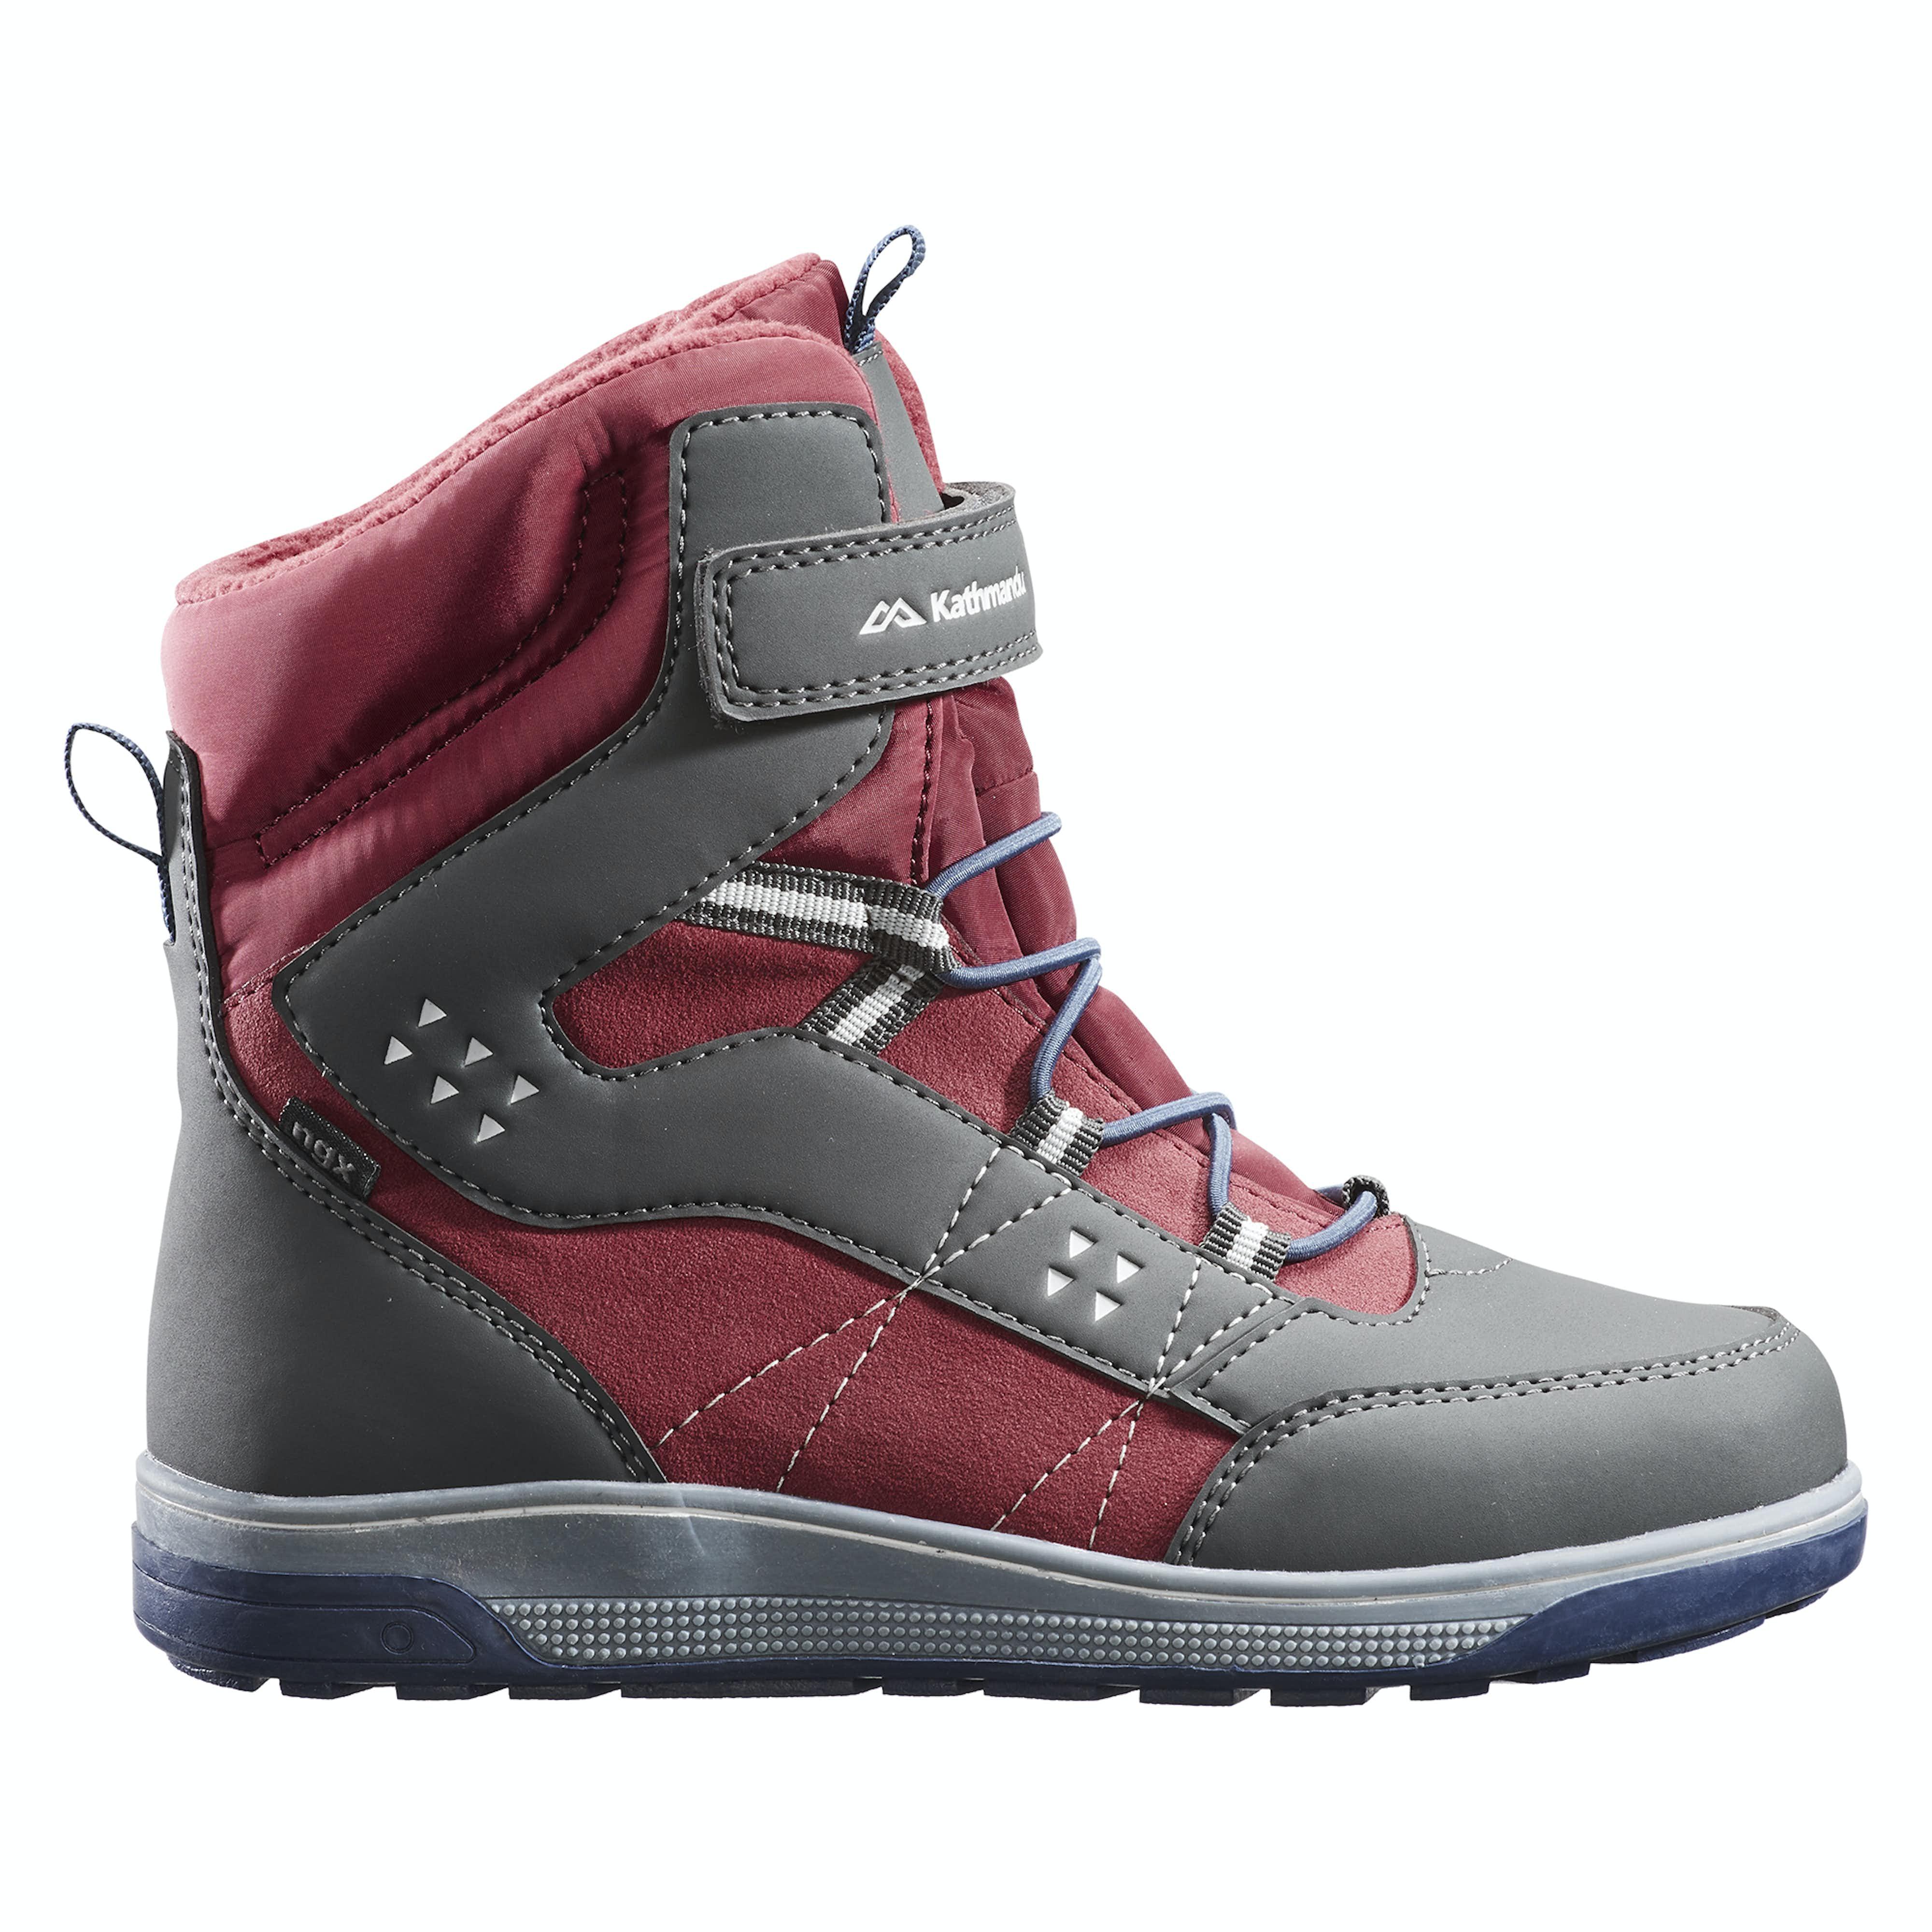 843aeeccd36 Snow Boots | Winter Boots for Women & Men | Kathmandu NZ